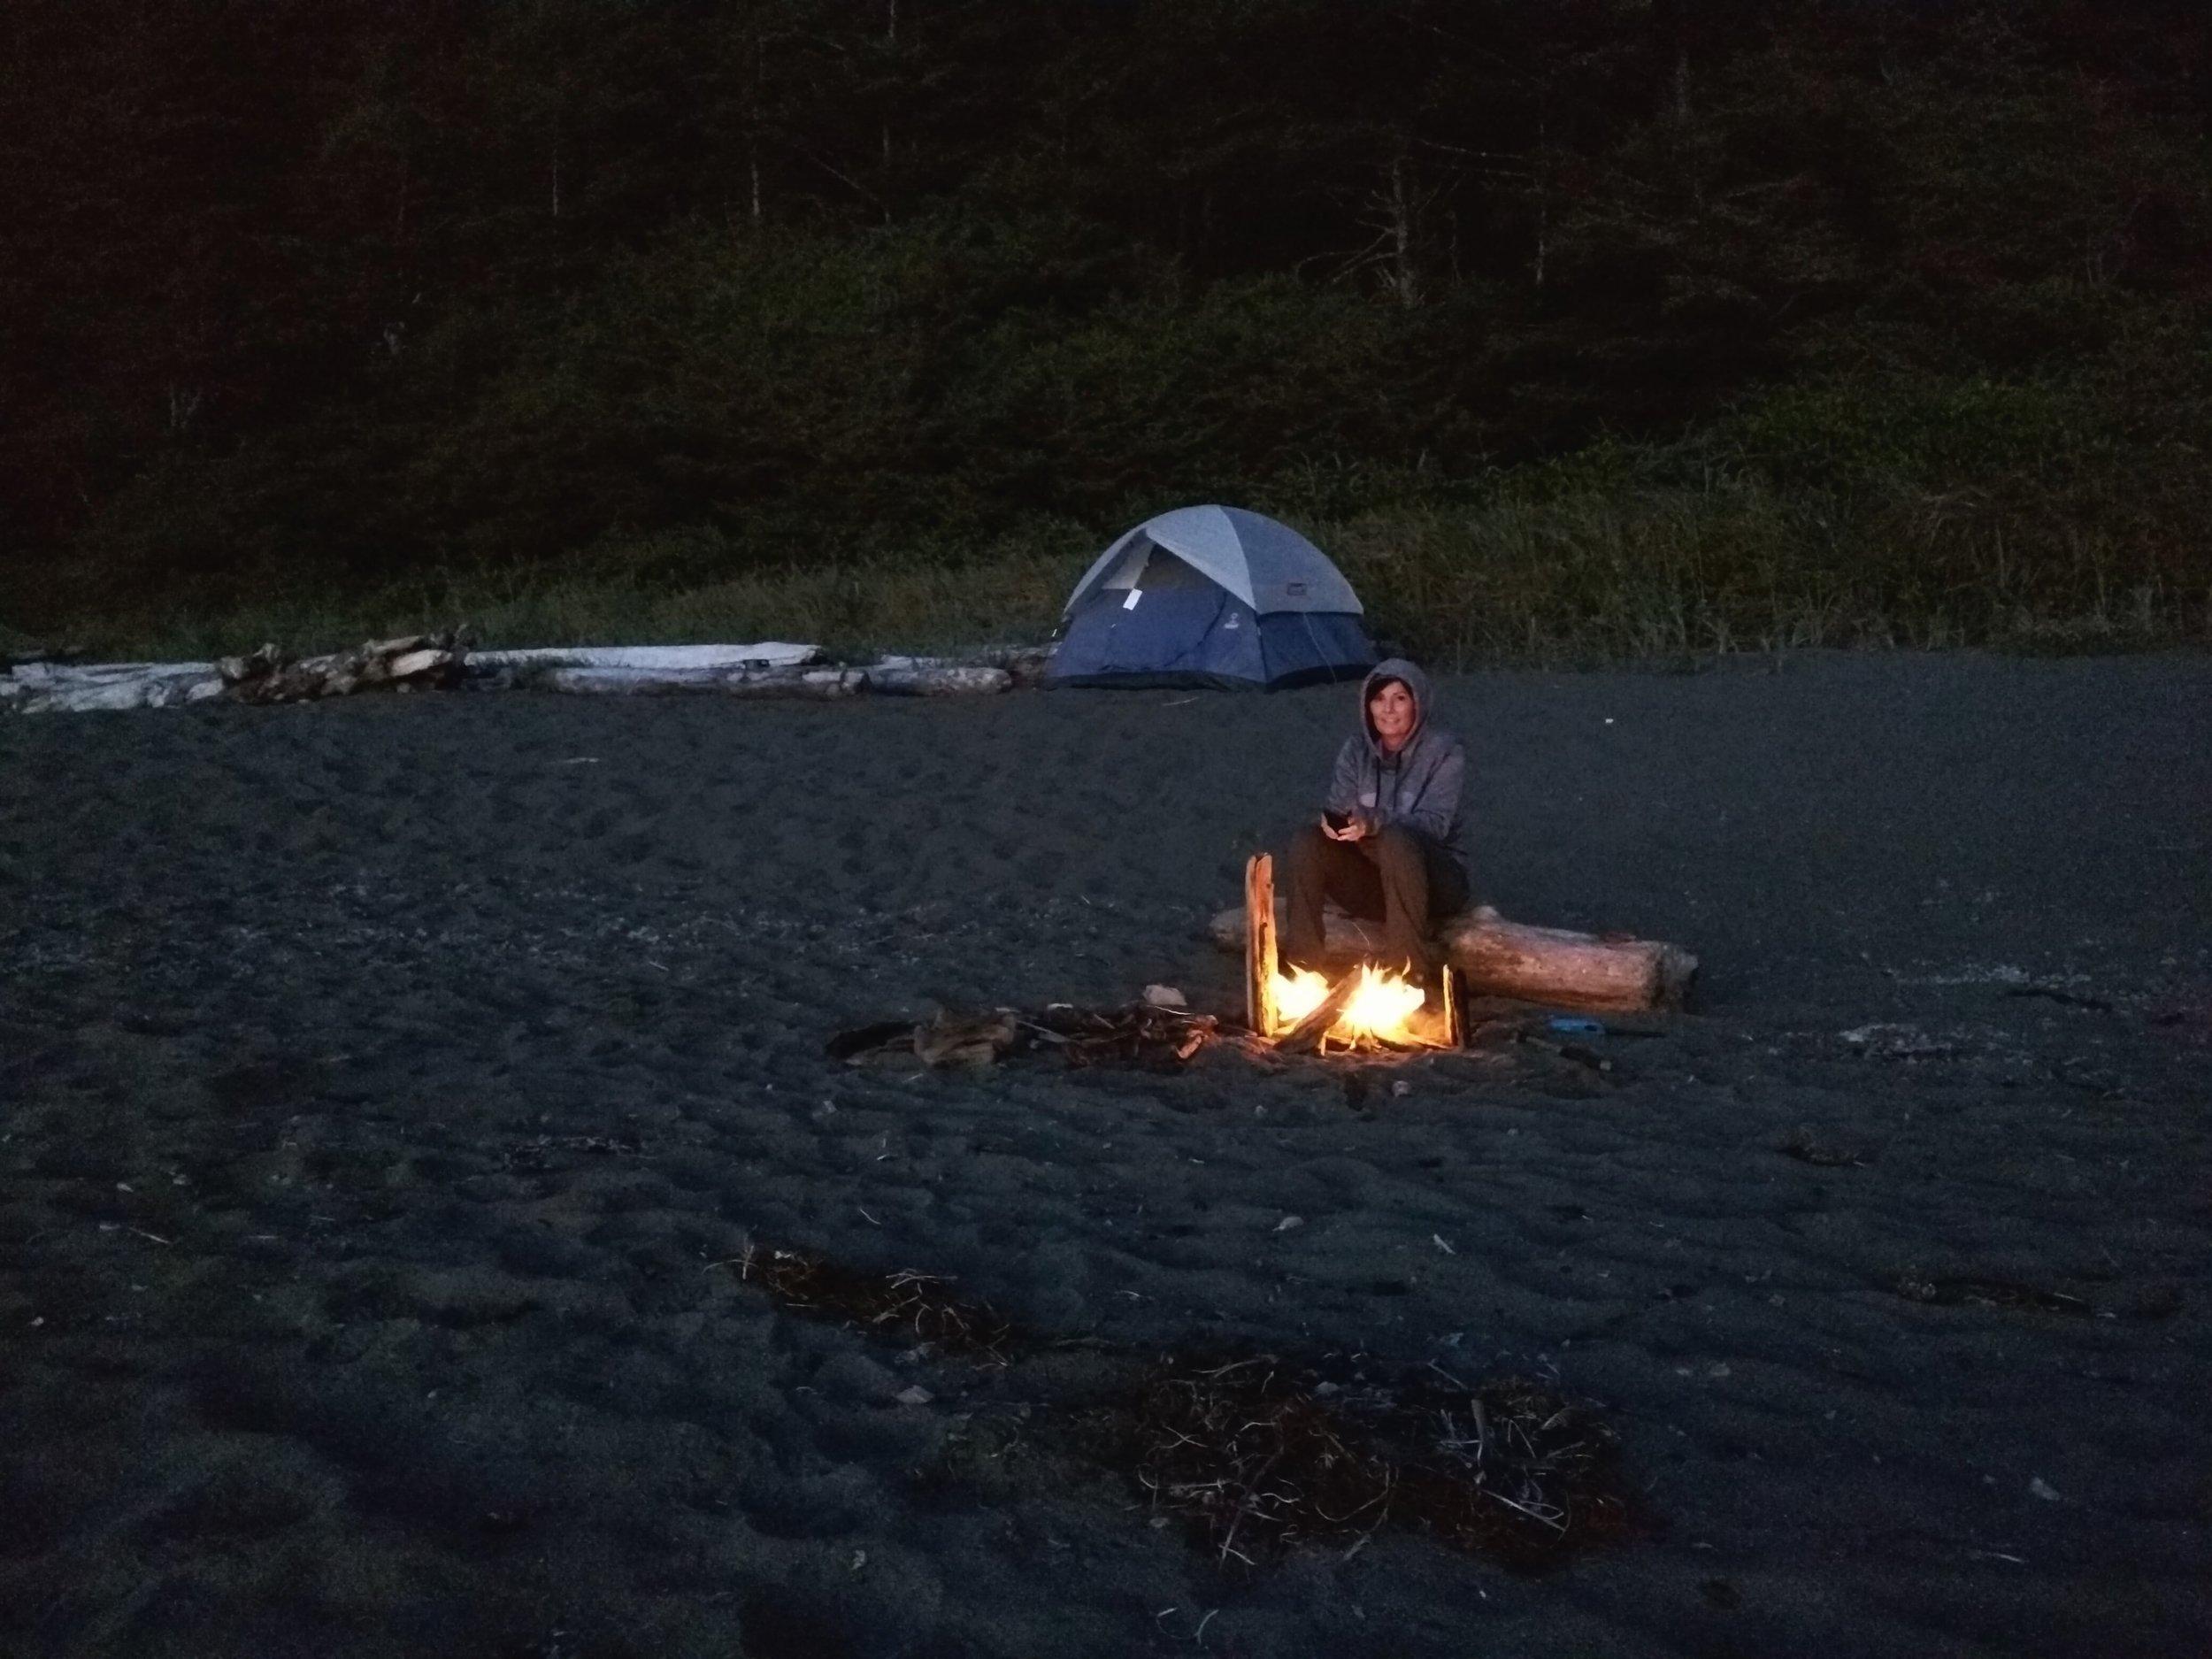 Camping at Shi Shi Beach